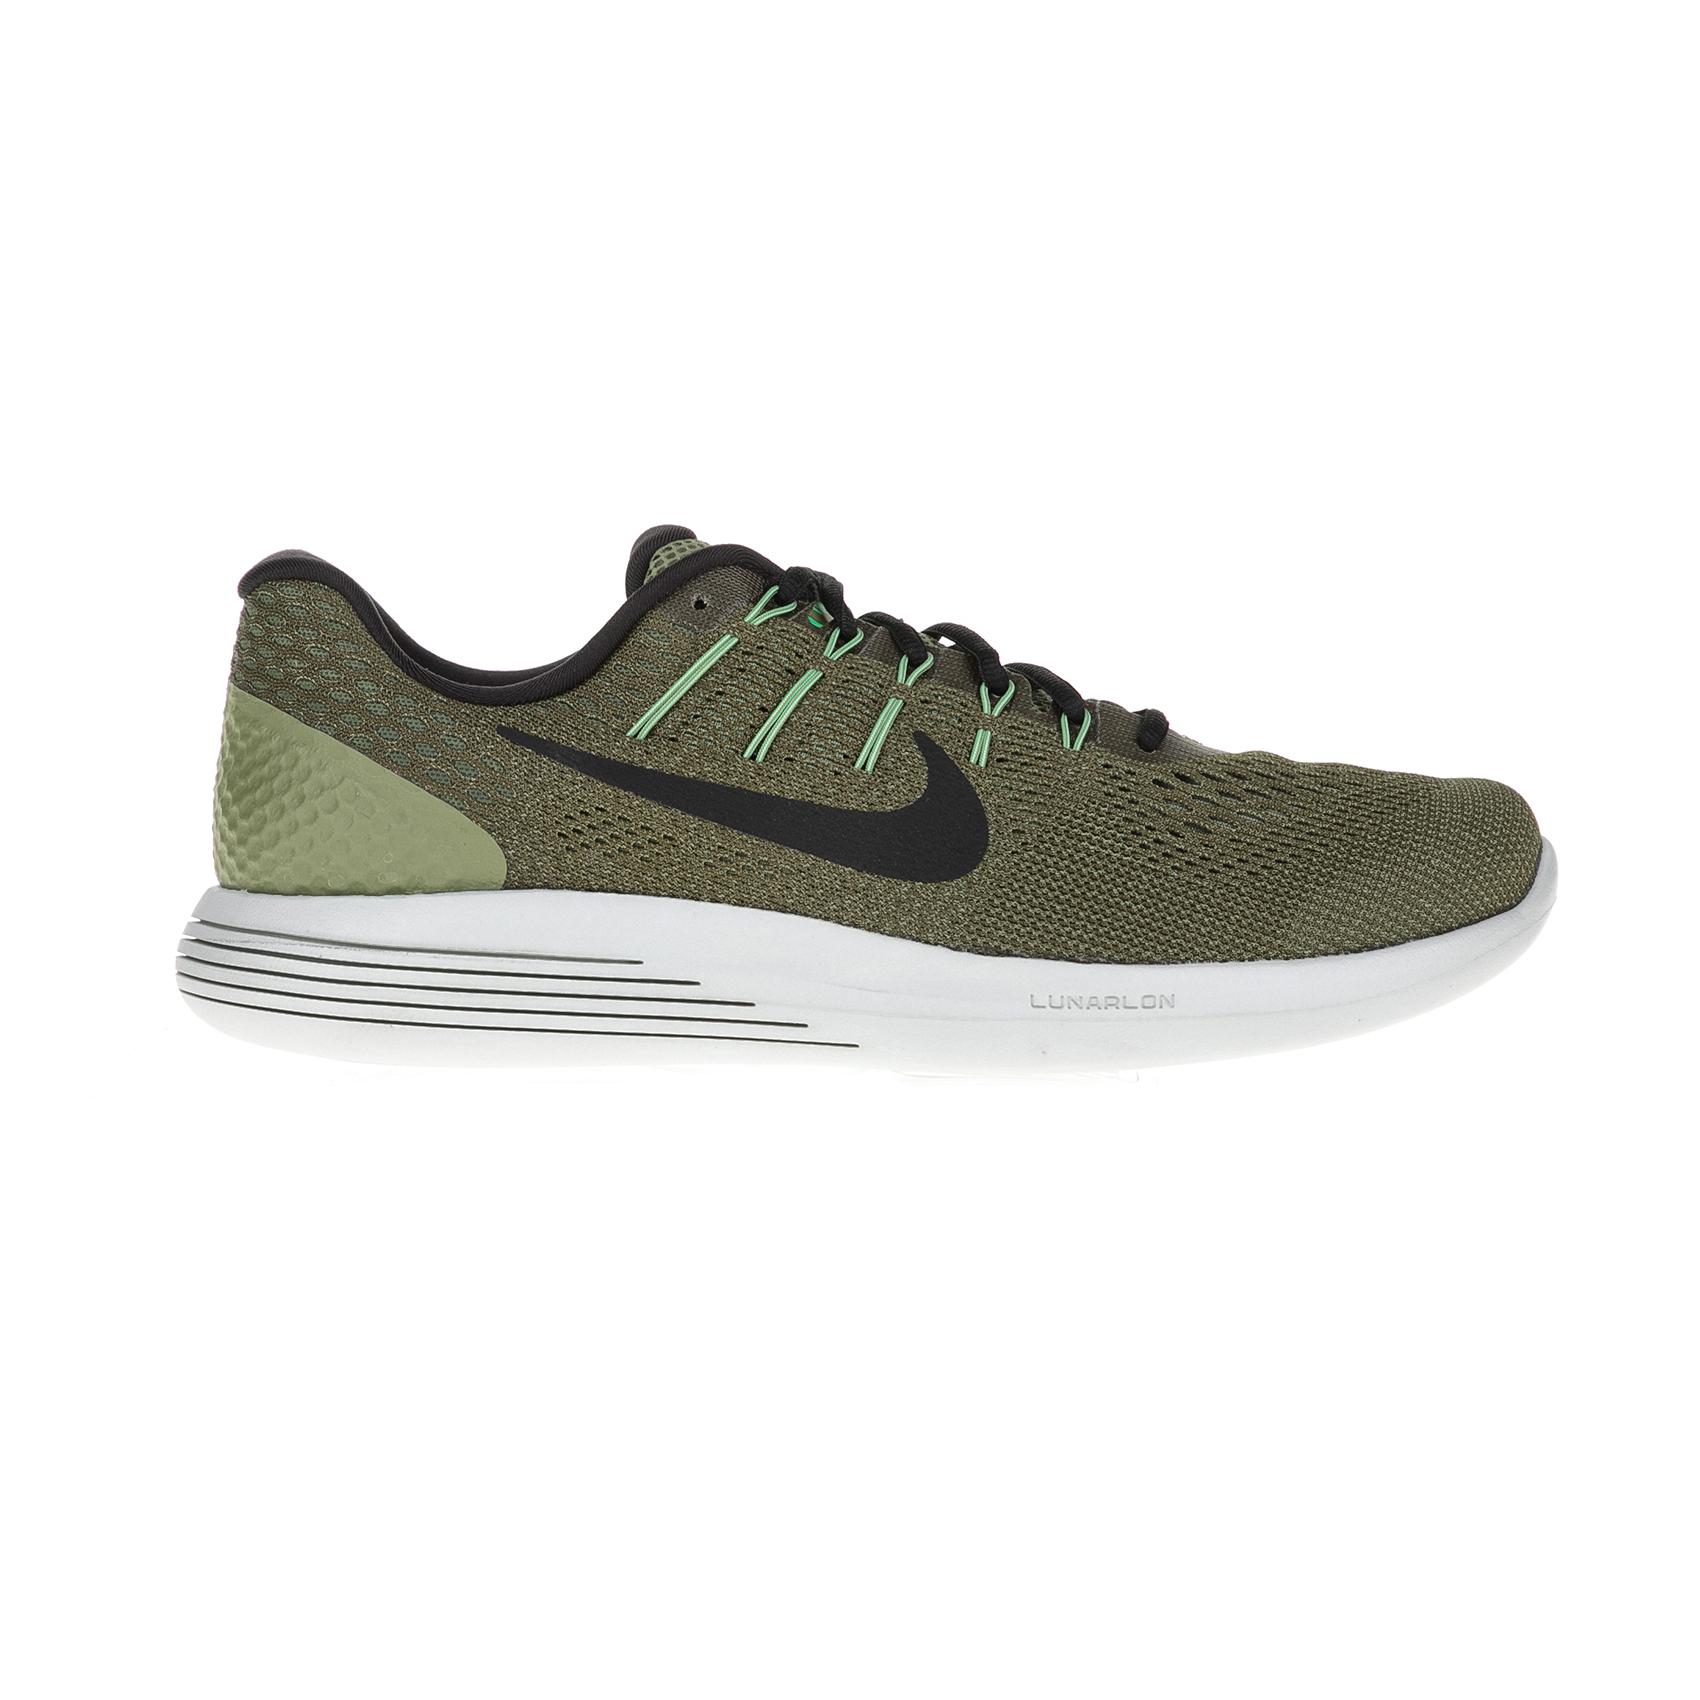 NIKE – Ανδρικά παπούτσια για τρέξιμο NIKE LUNARGLIDE 8 χακί